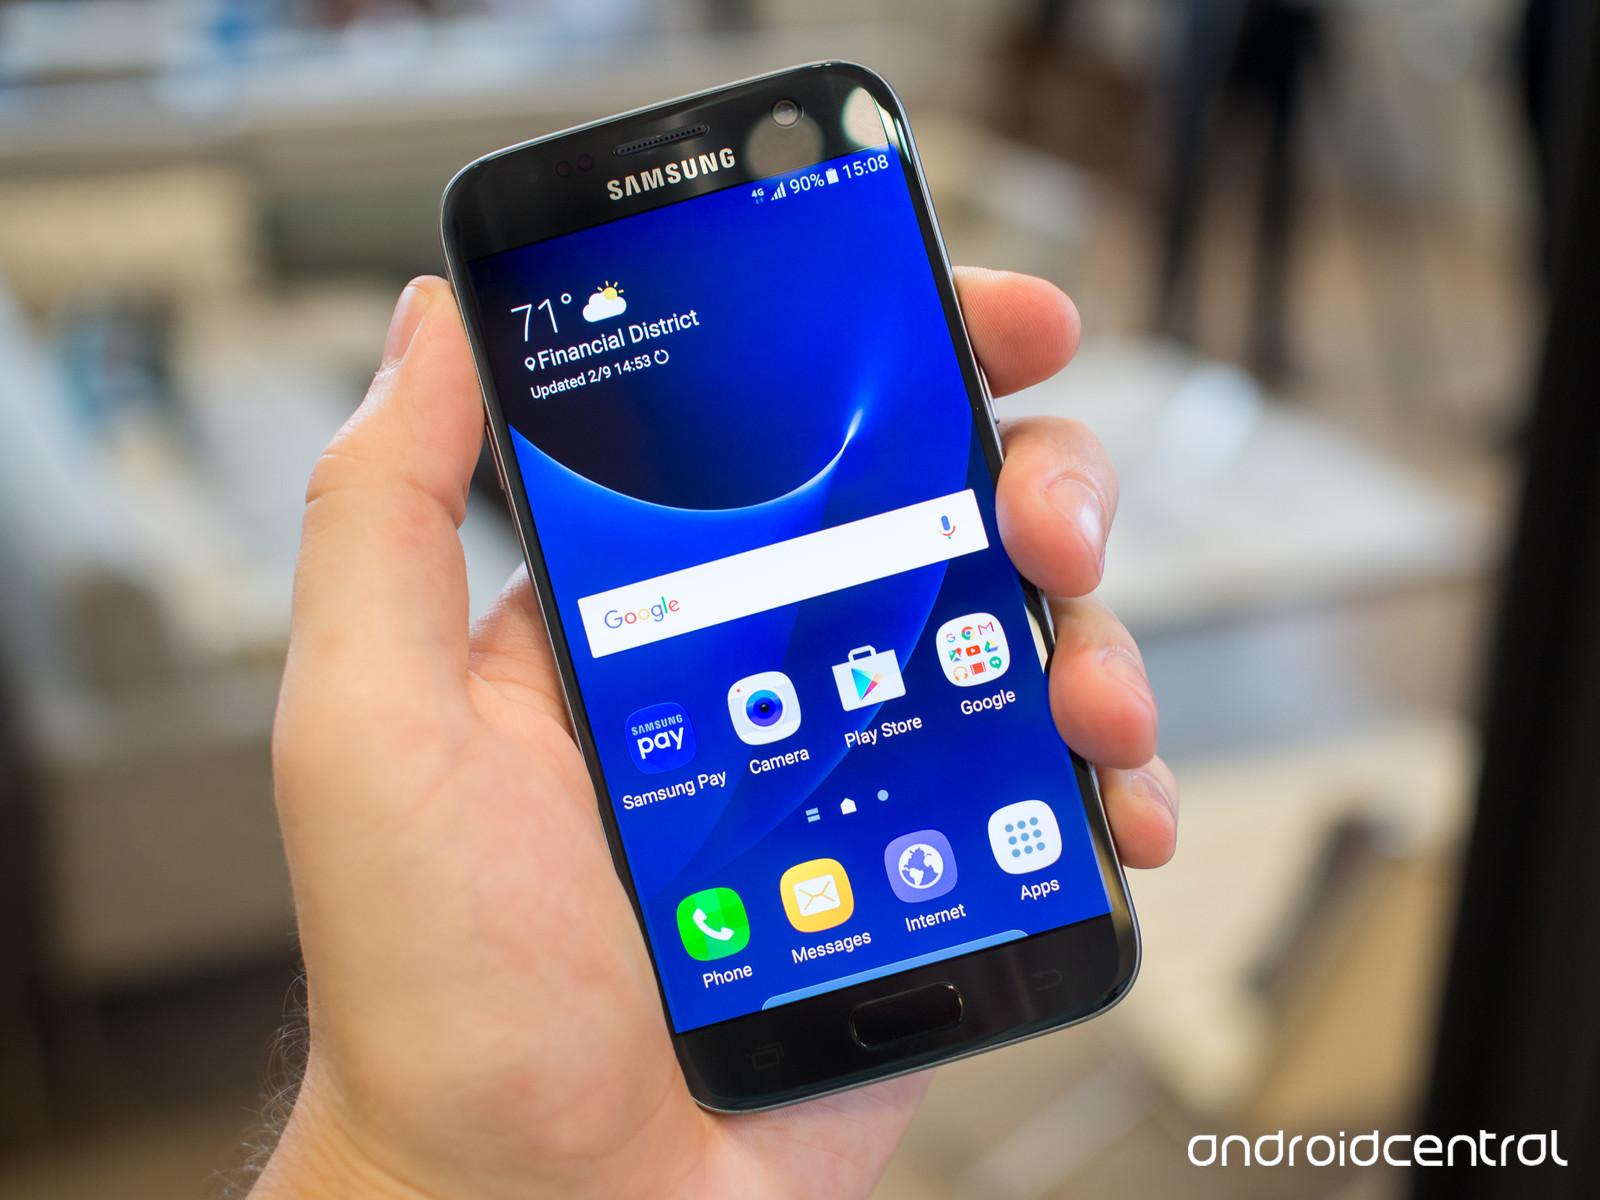 Ngắm nhìn 4 màu sắc cực hot của Galaxy S7, S7 edge 7